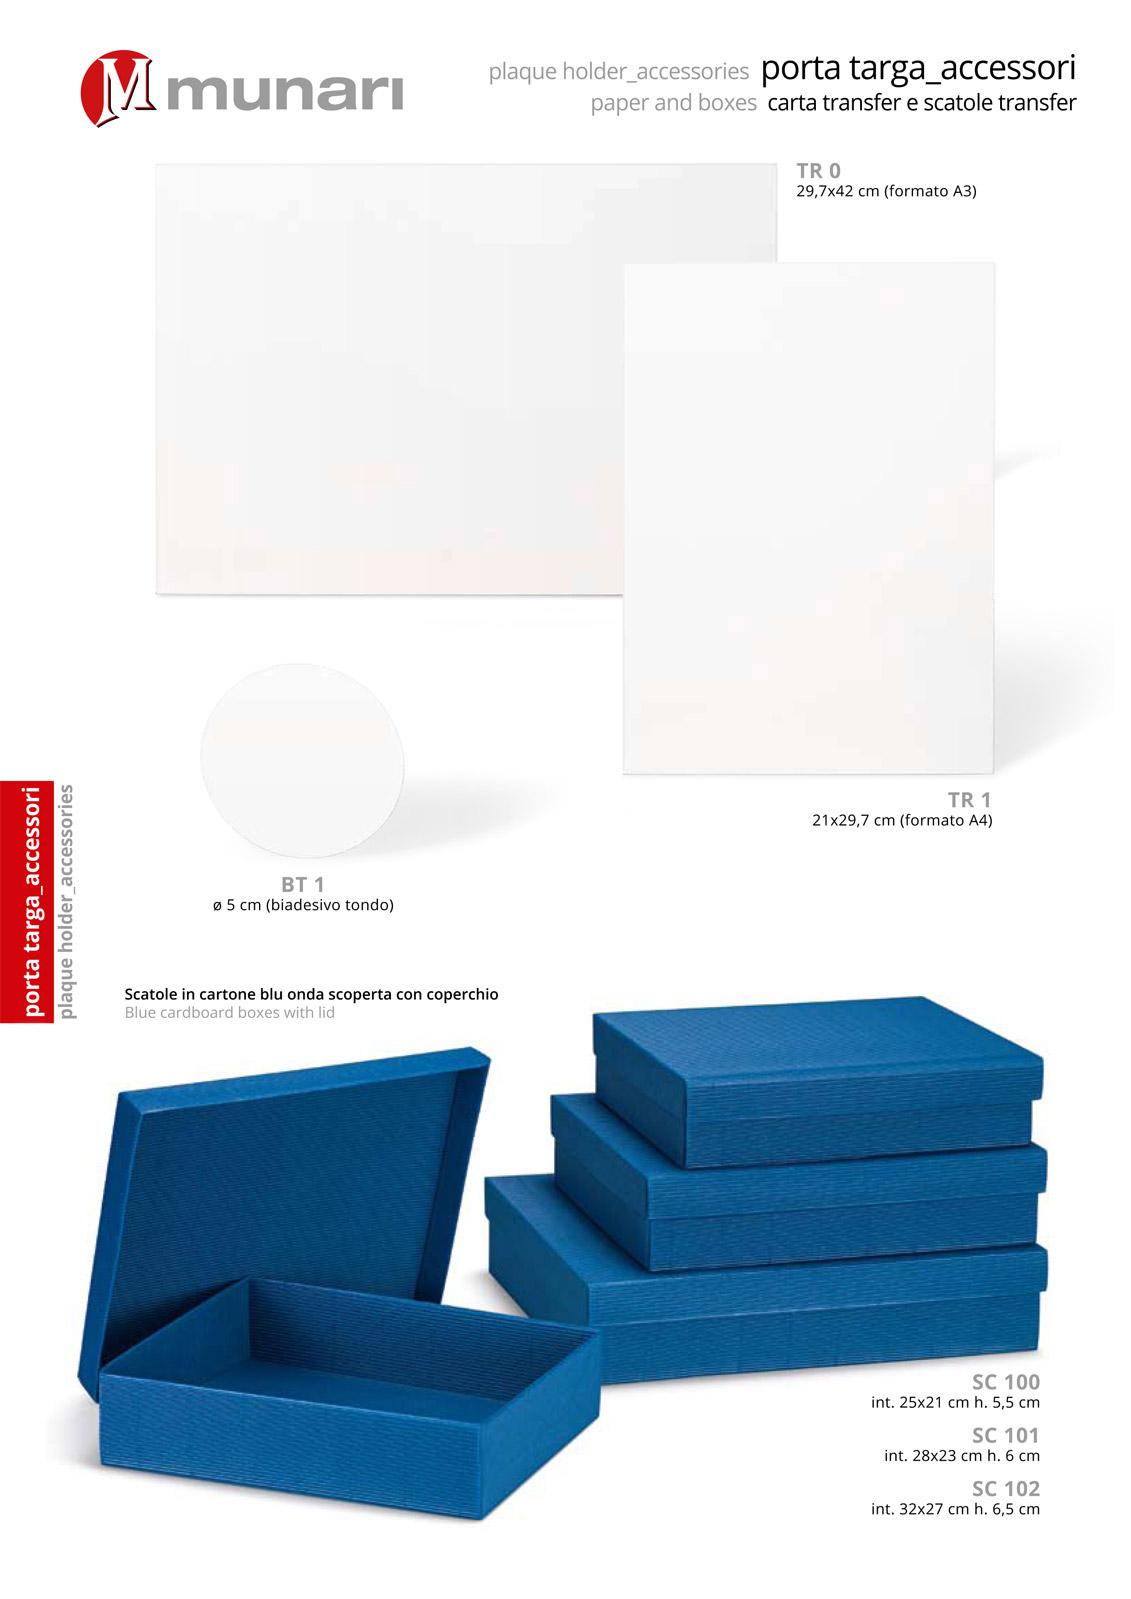 Scatole in cartone con coperchio serie SC 100